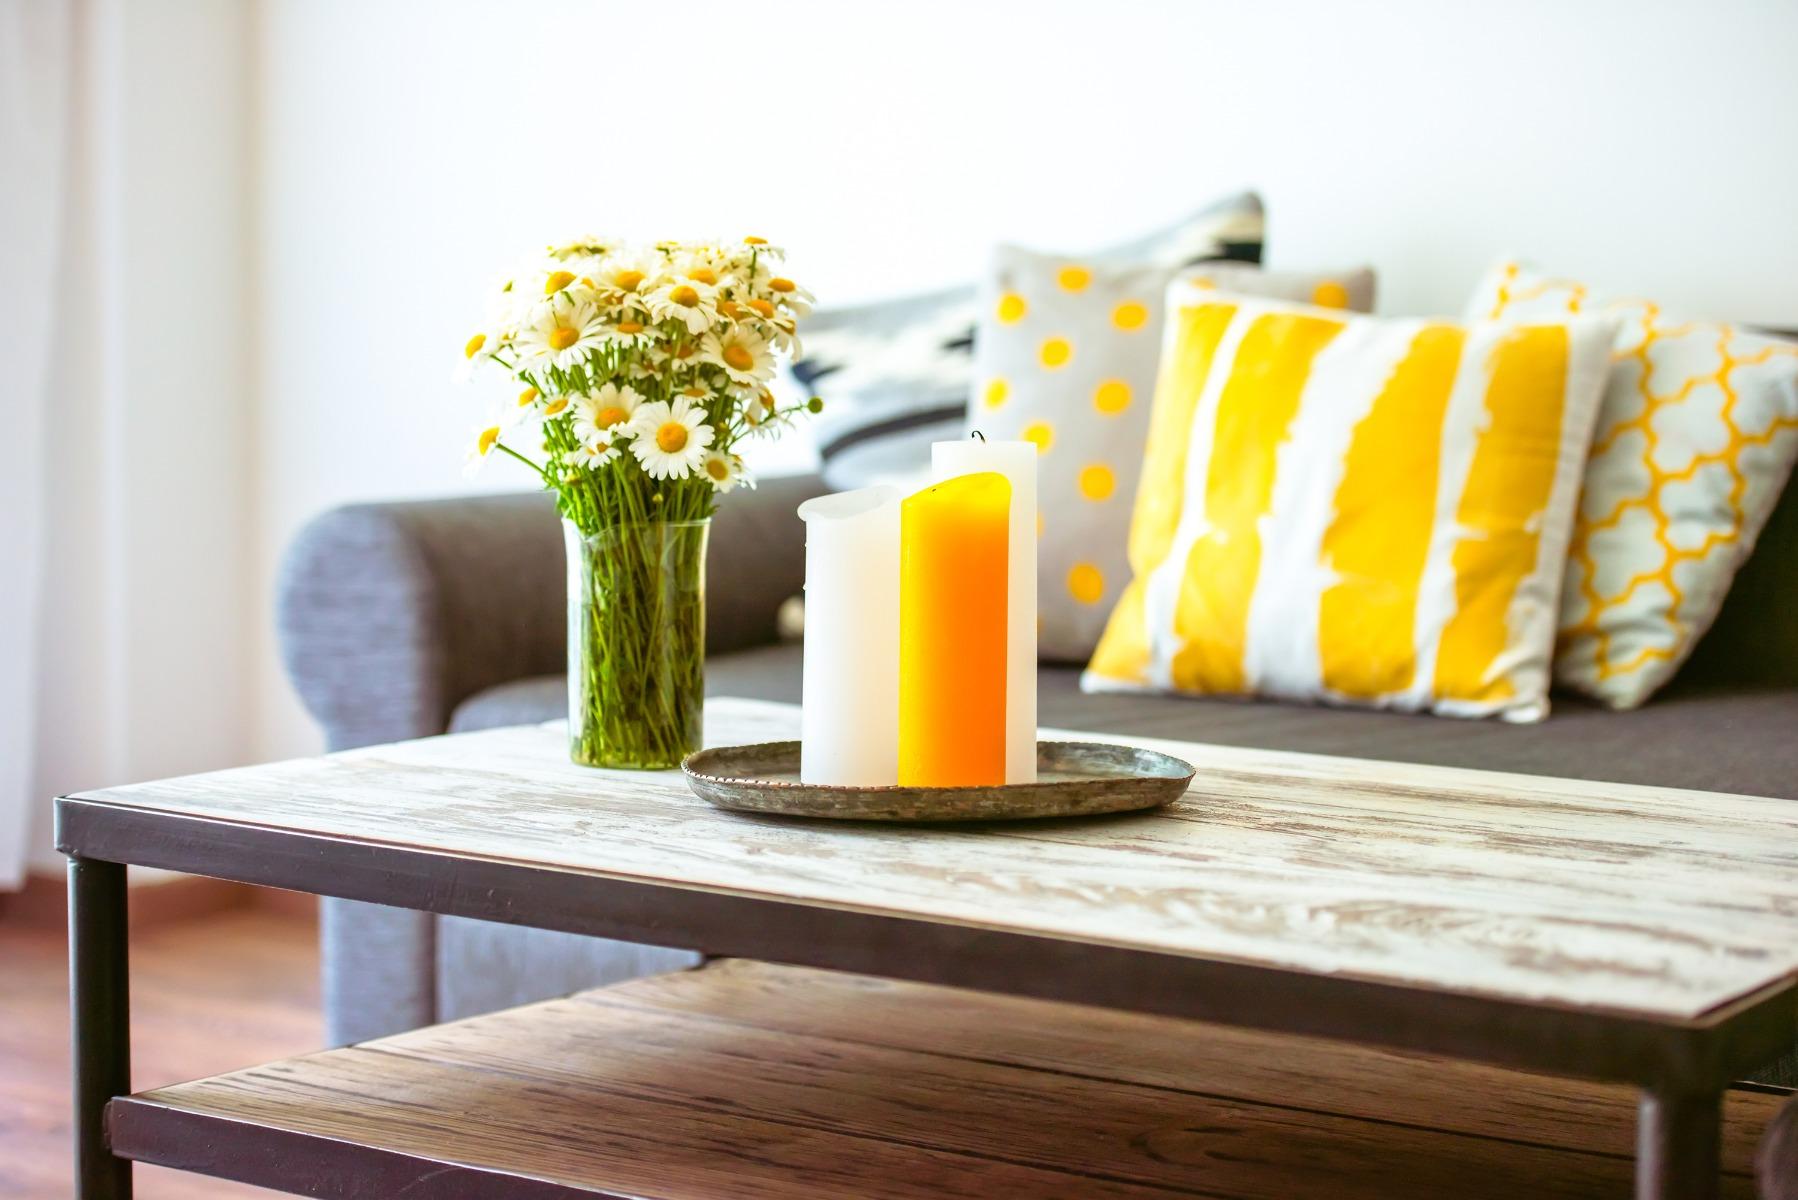 Das Bild zeigt einen Wohnzimmertisch mit Blumen.